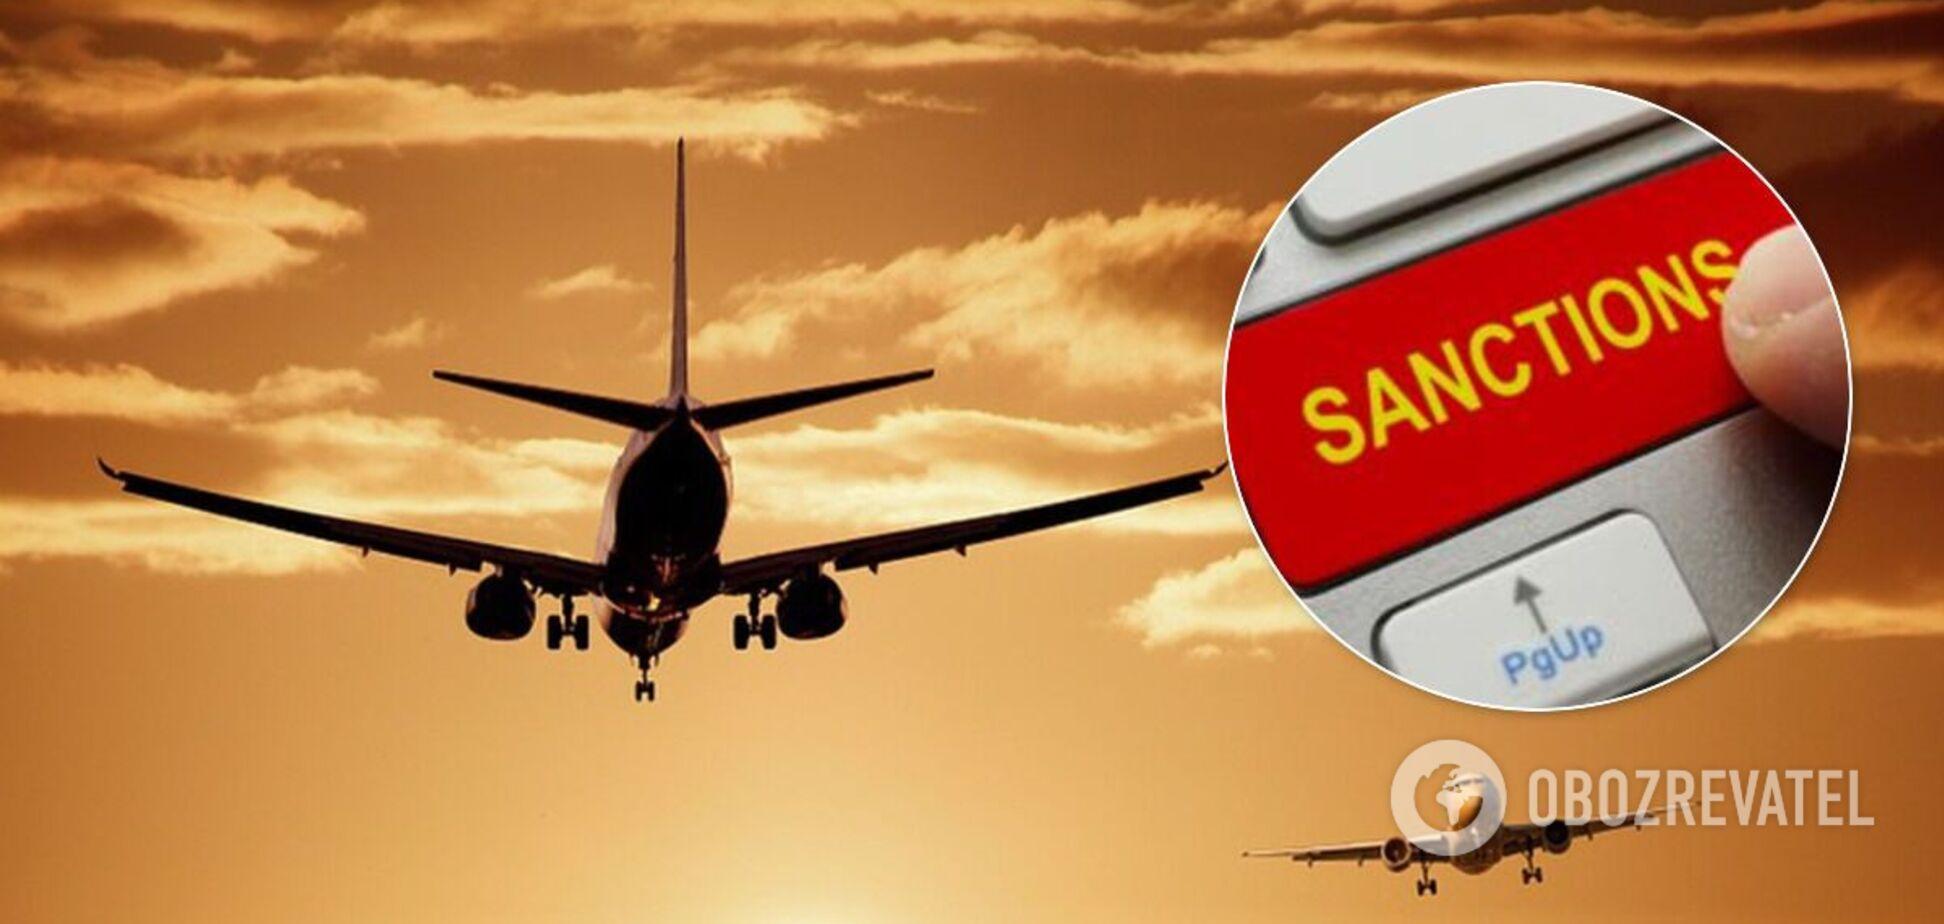 Украина ввела санкции против иностранных авиакомпаний за полеты в Россию и Крым